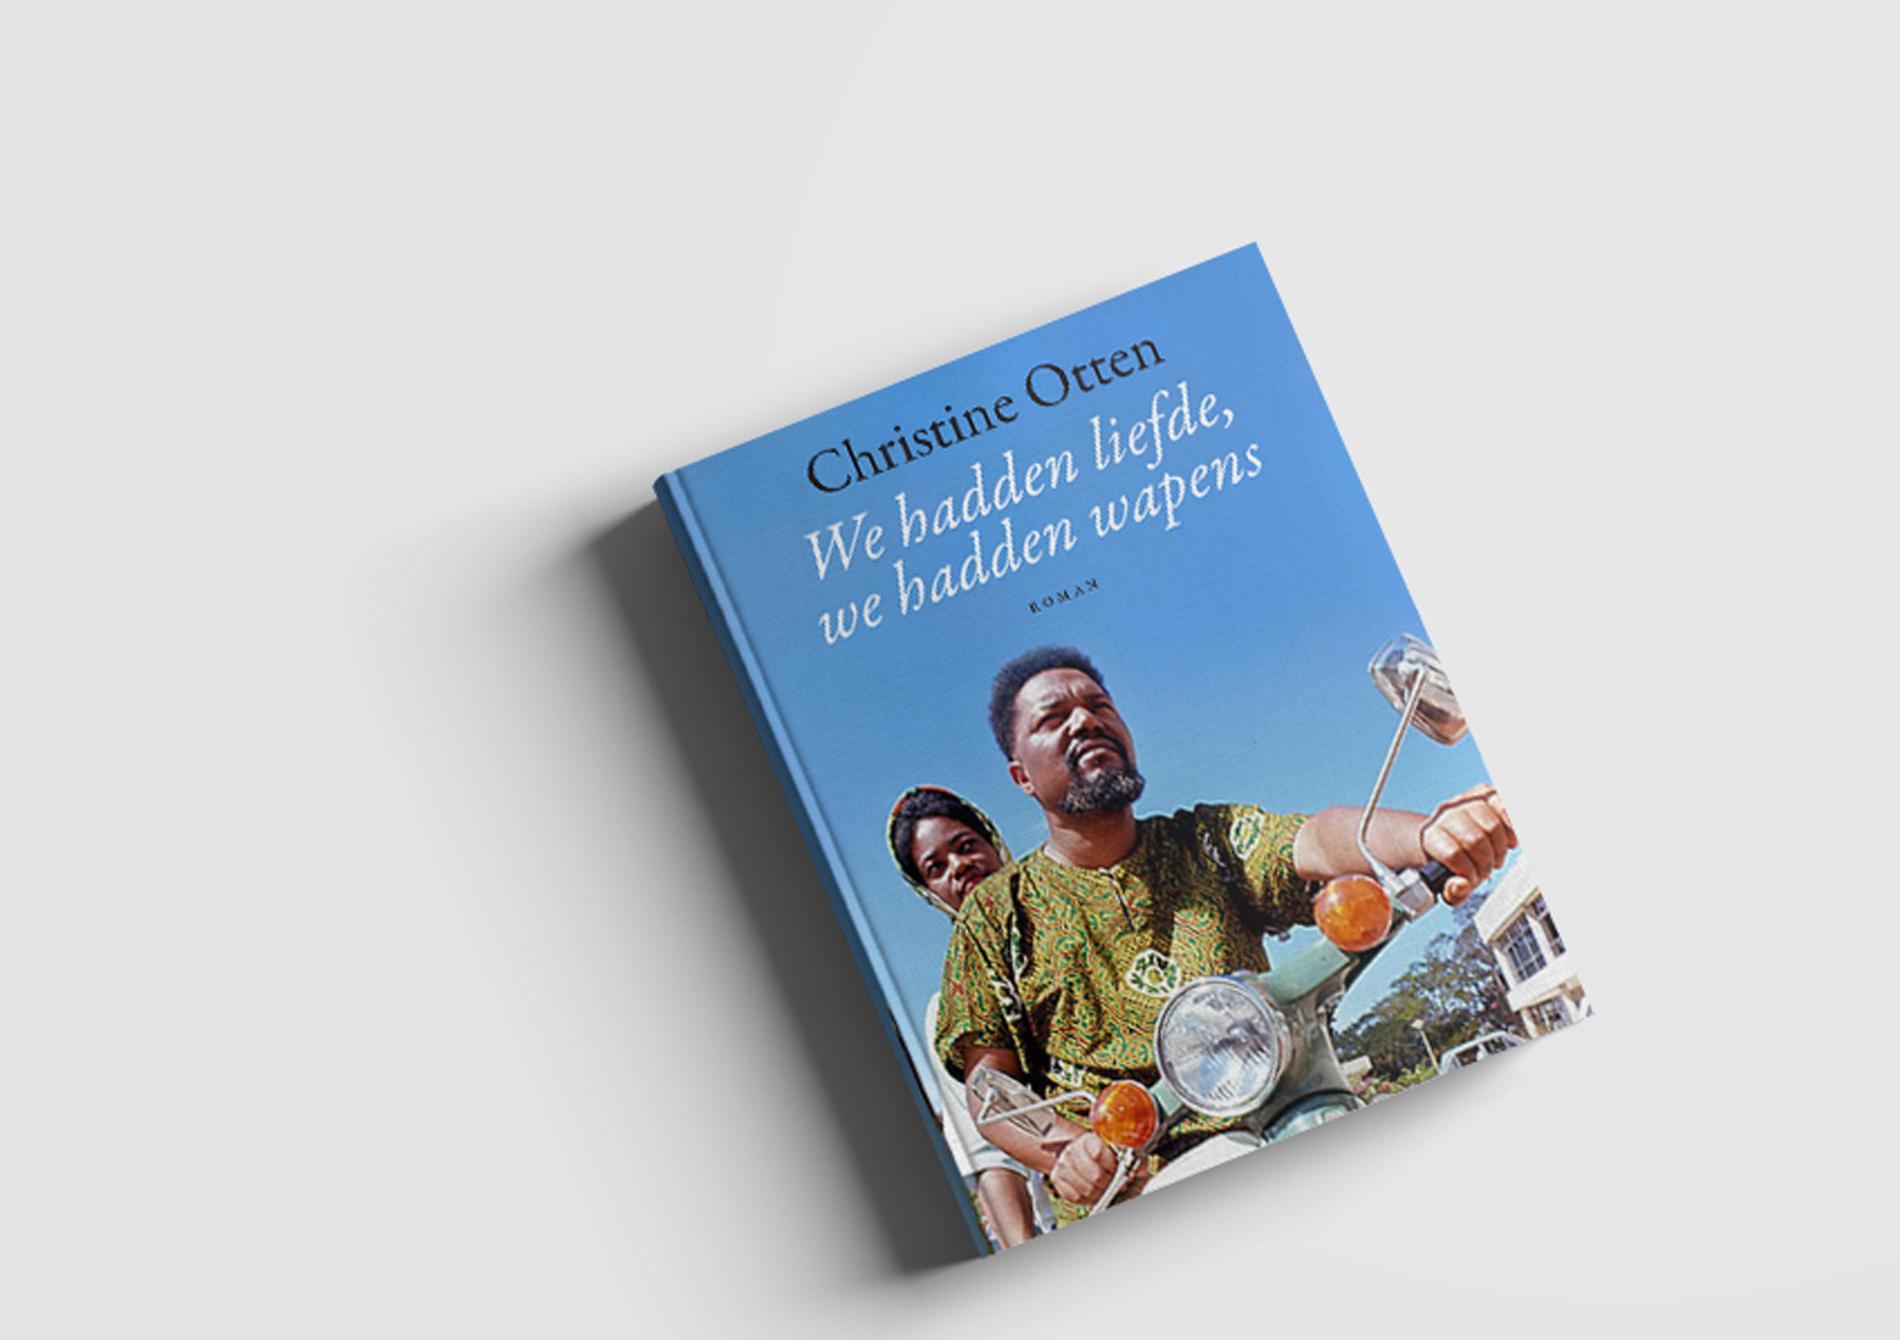 Nieuw boek Christine Otten